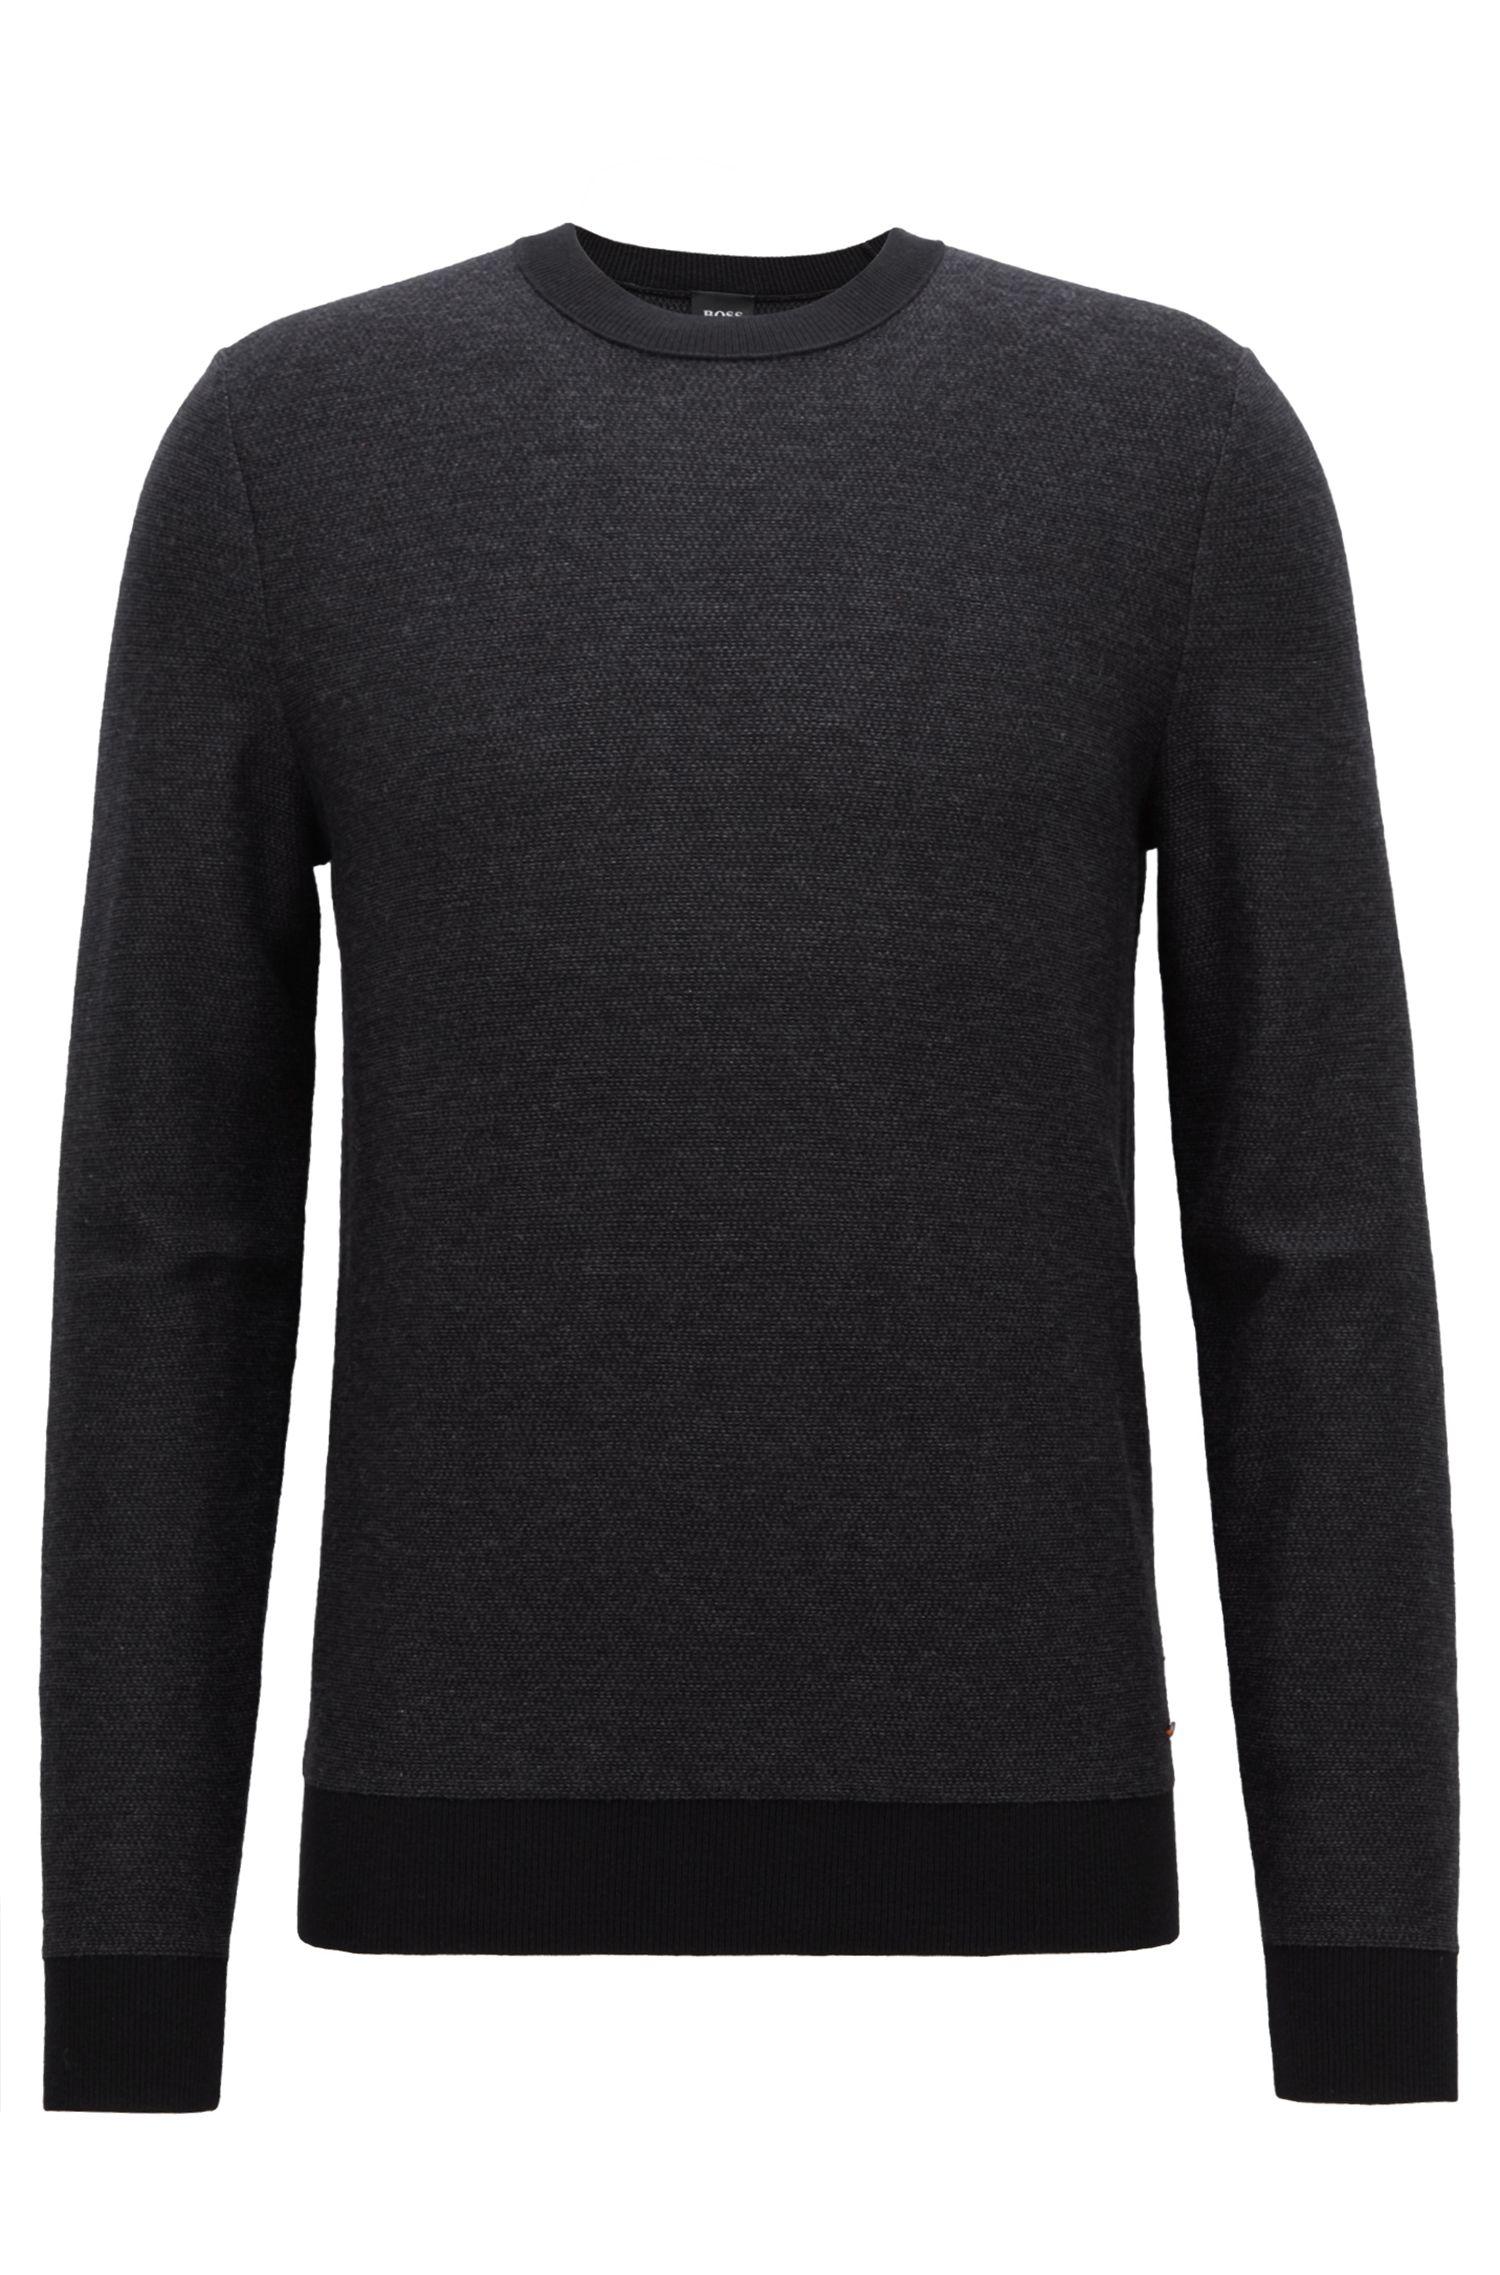 Jersey en jacquard de punto con microestampado a 2 colores, Negro